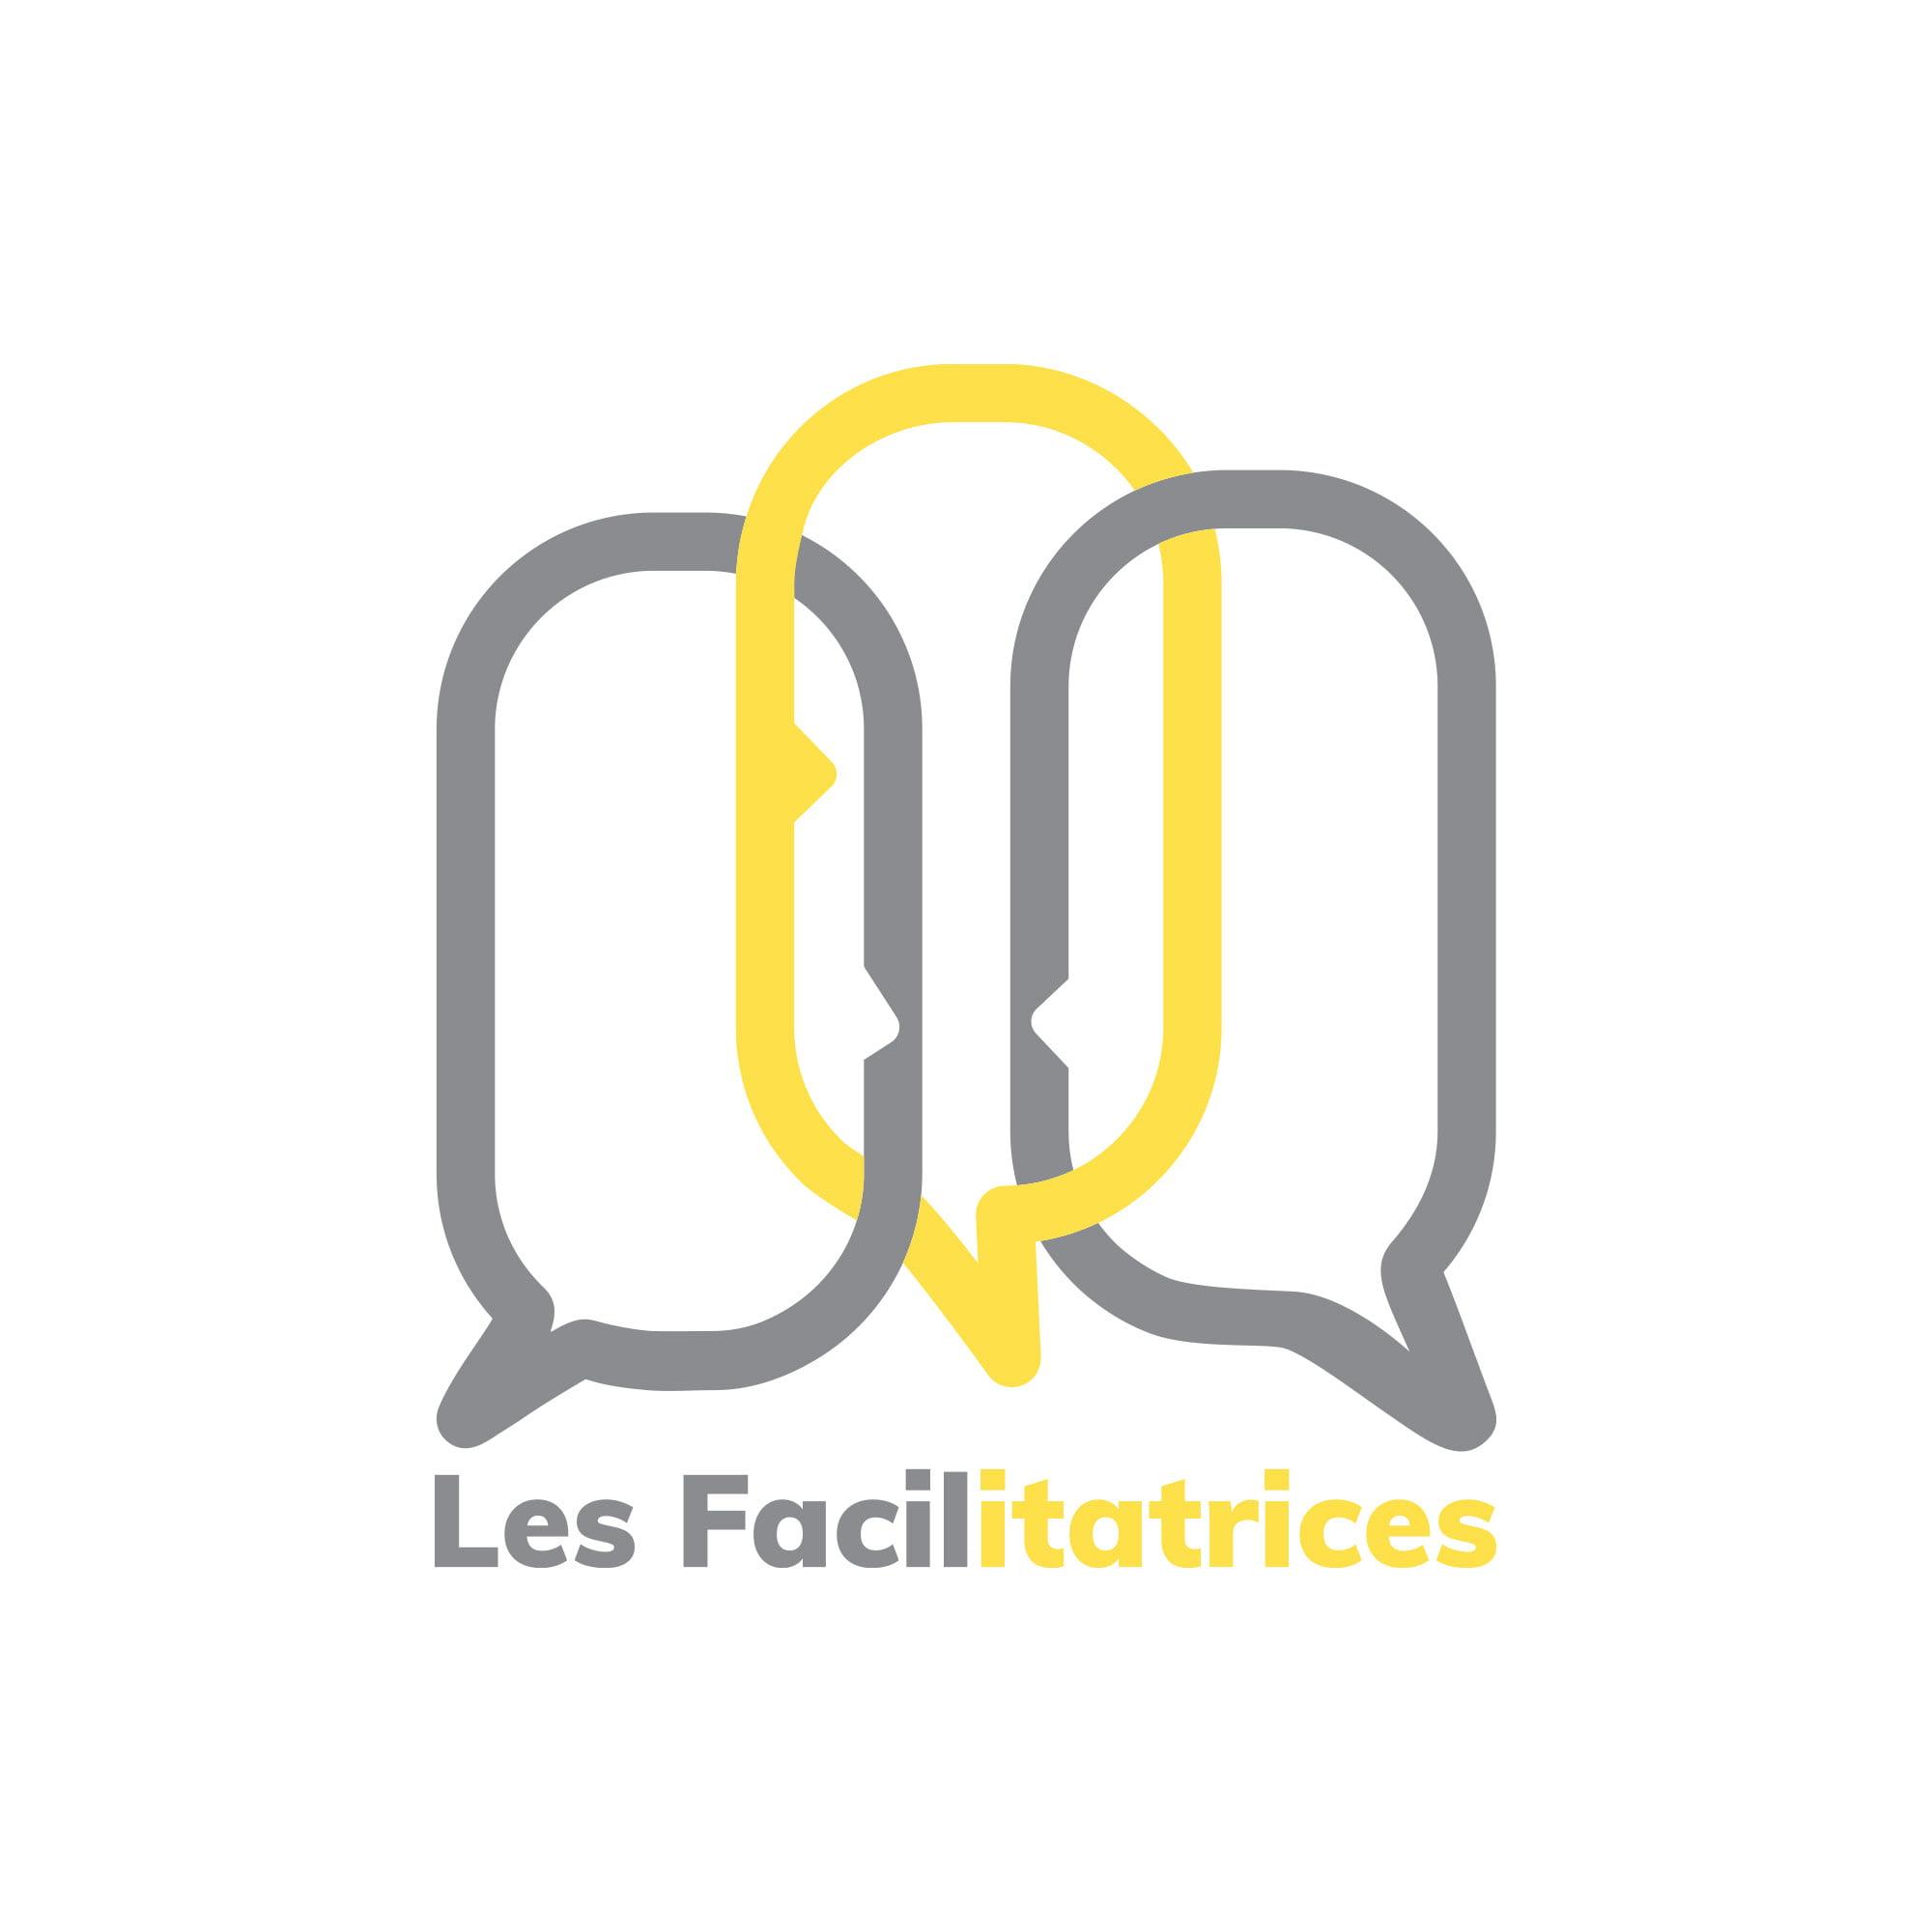 Les Facilitatrices logo sur fond blanc